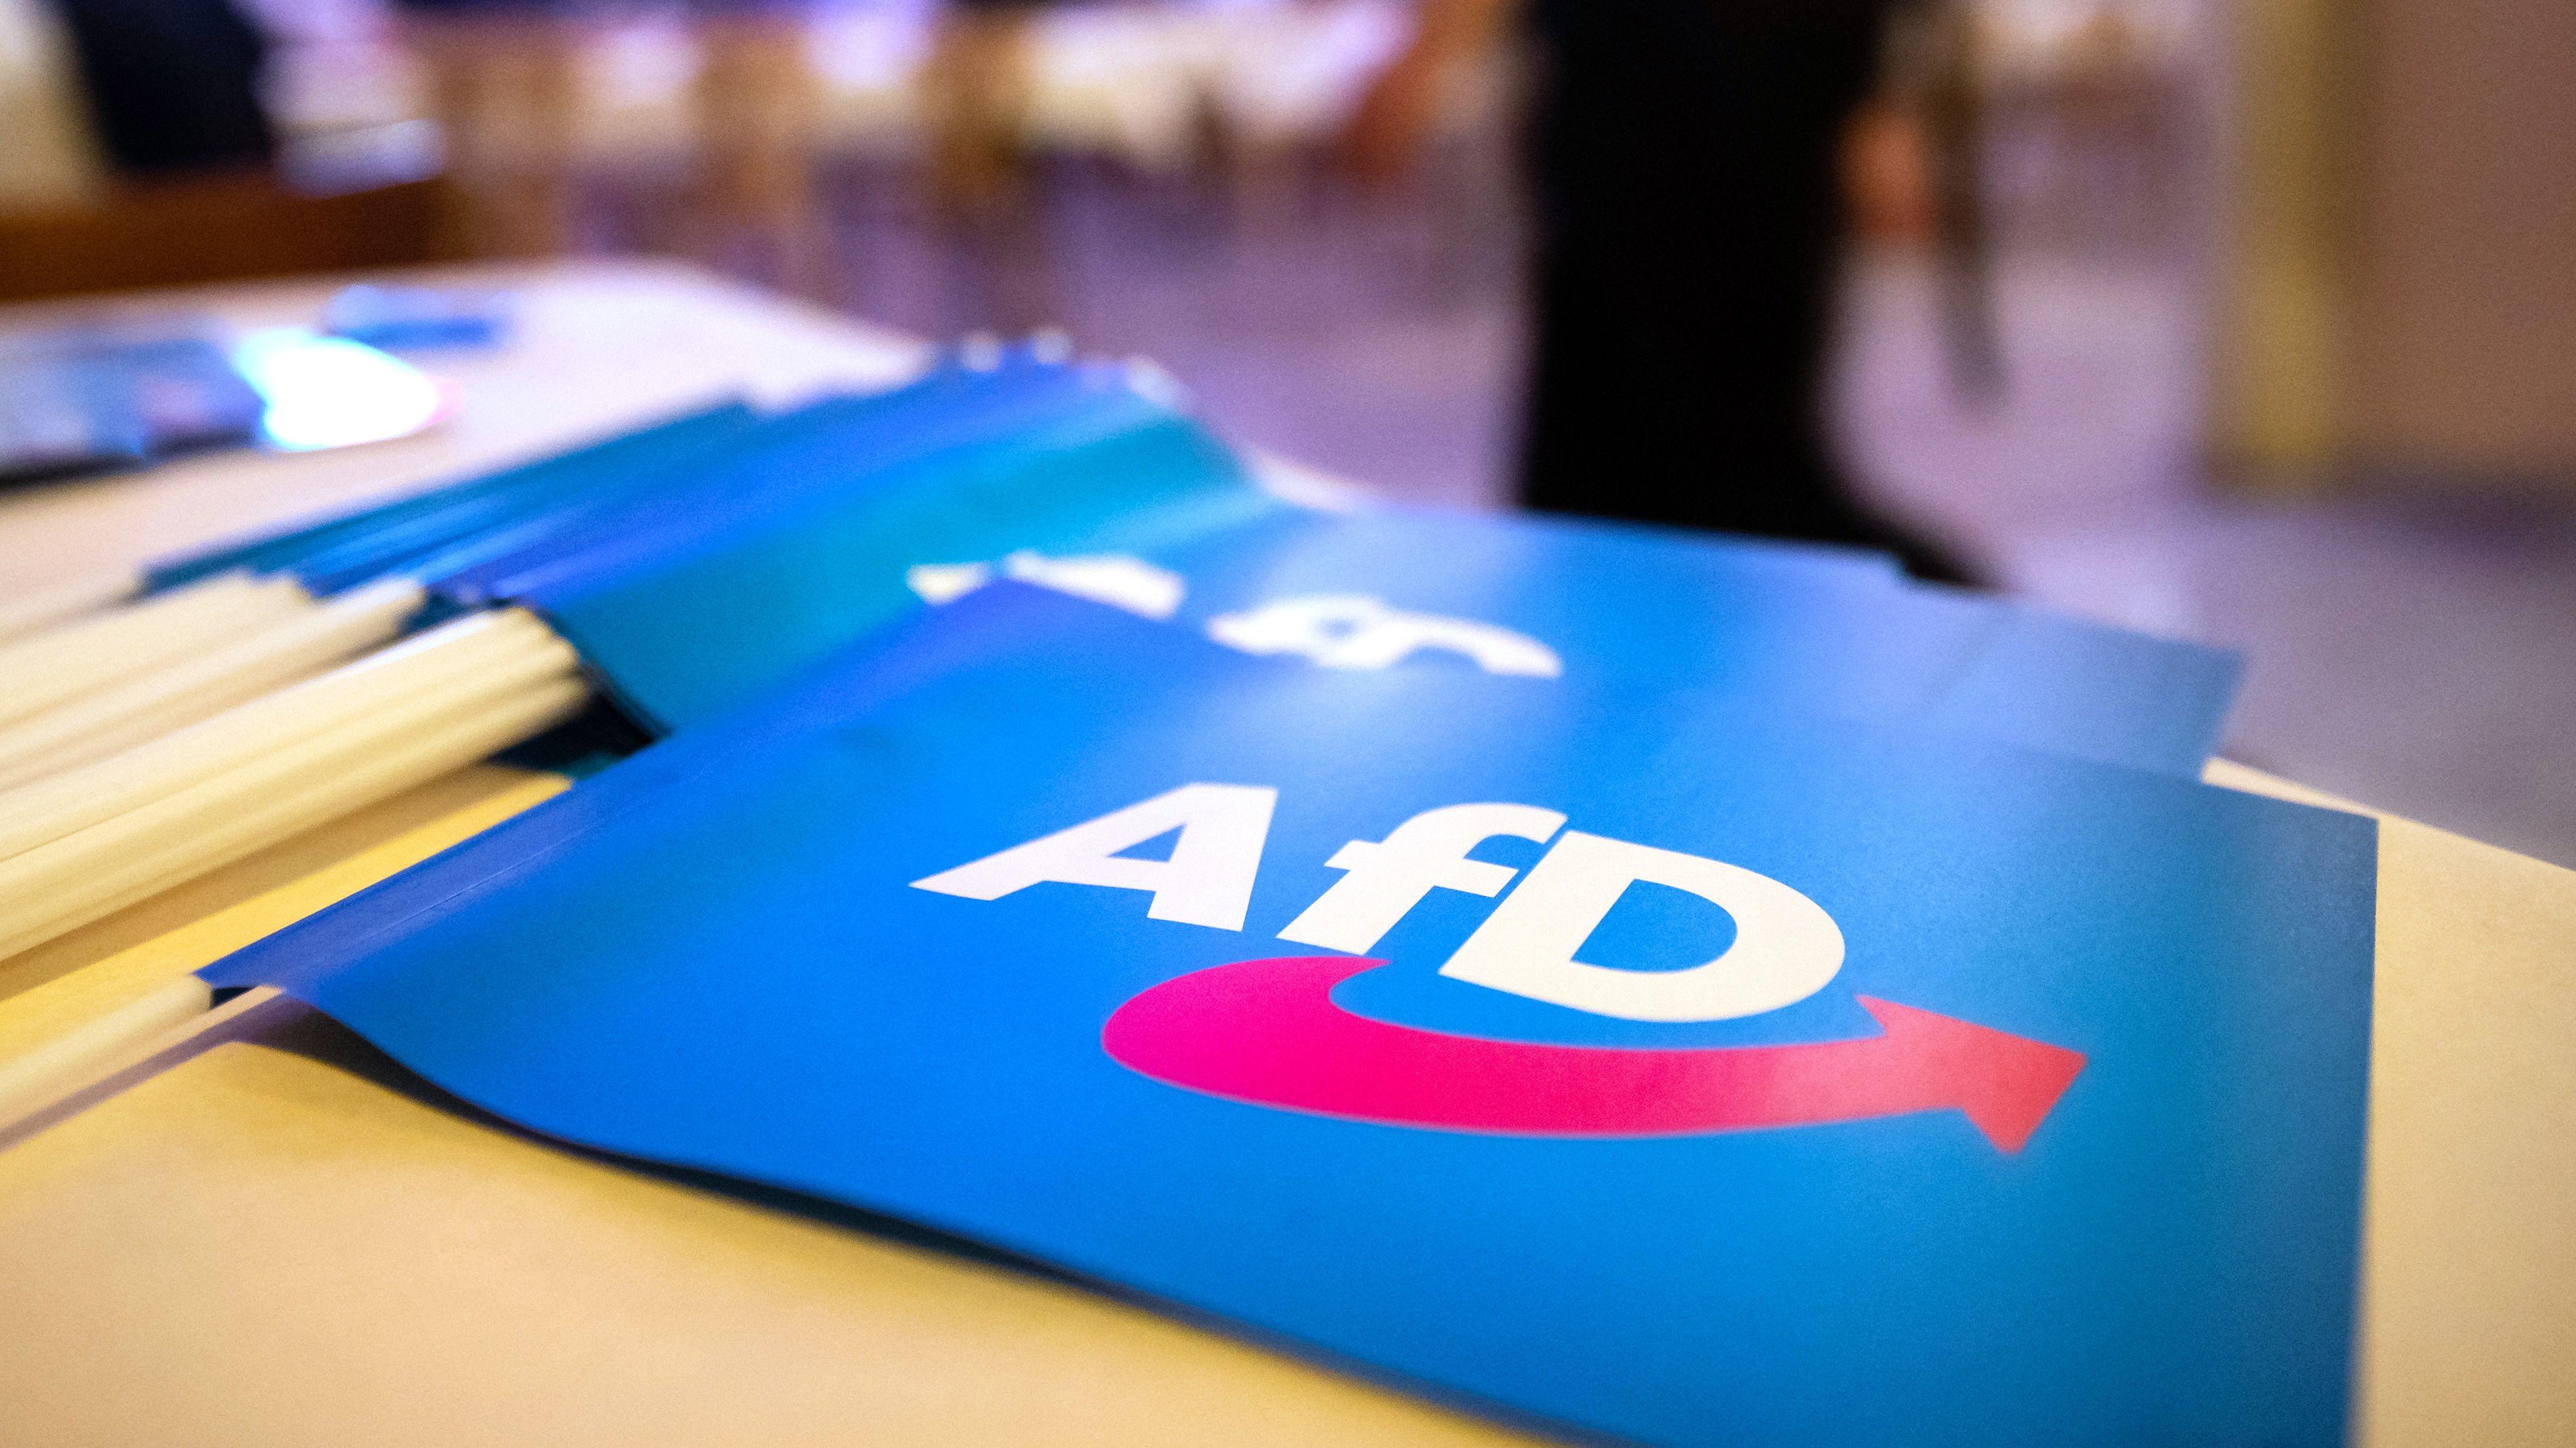 Fähnchen mit AfD-Aufschrift liegen beim AfD-Landesparteitag in Greding am 24. November 2018 auf einem Tisch